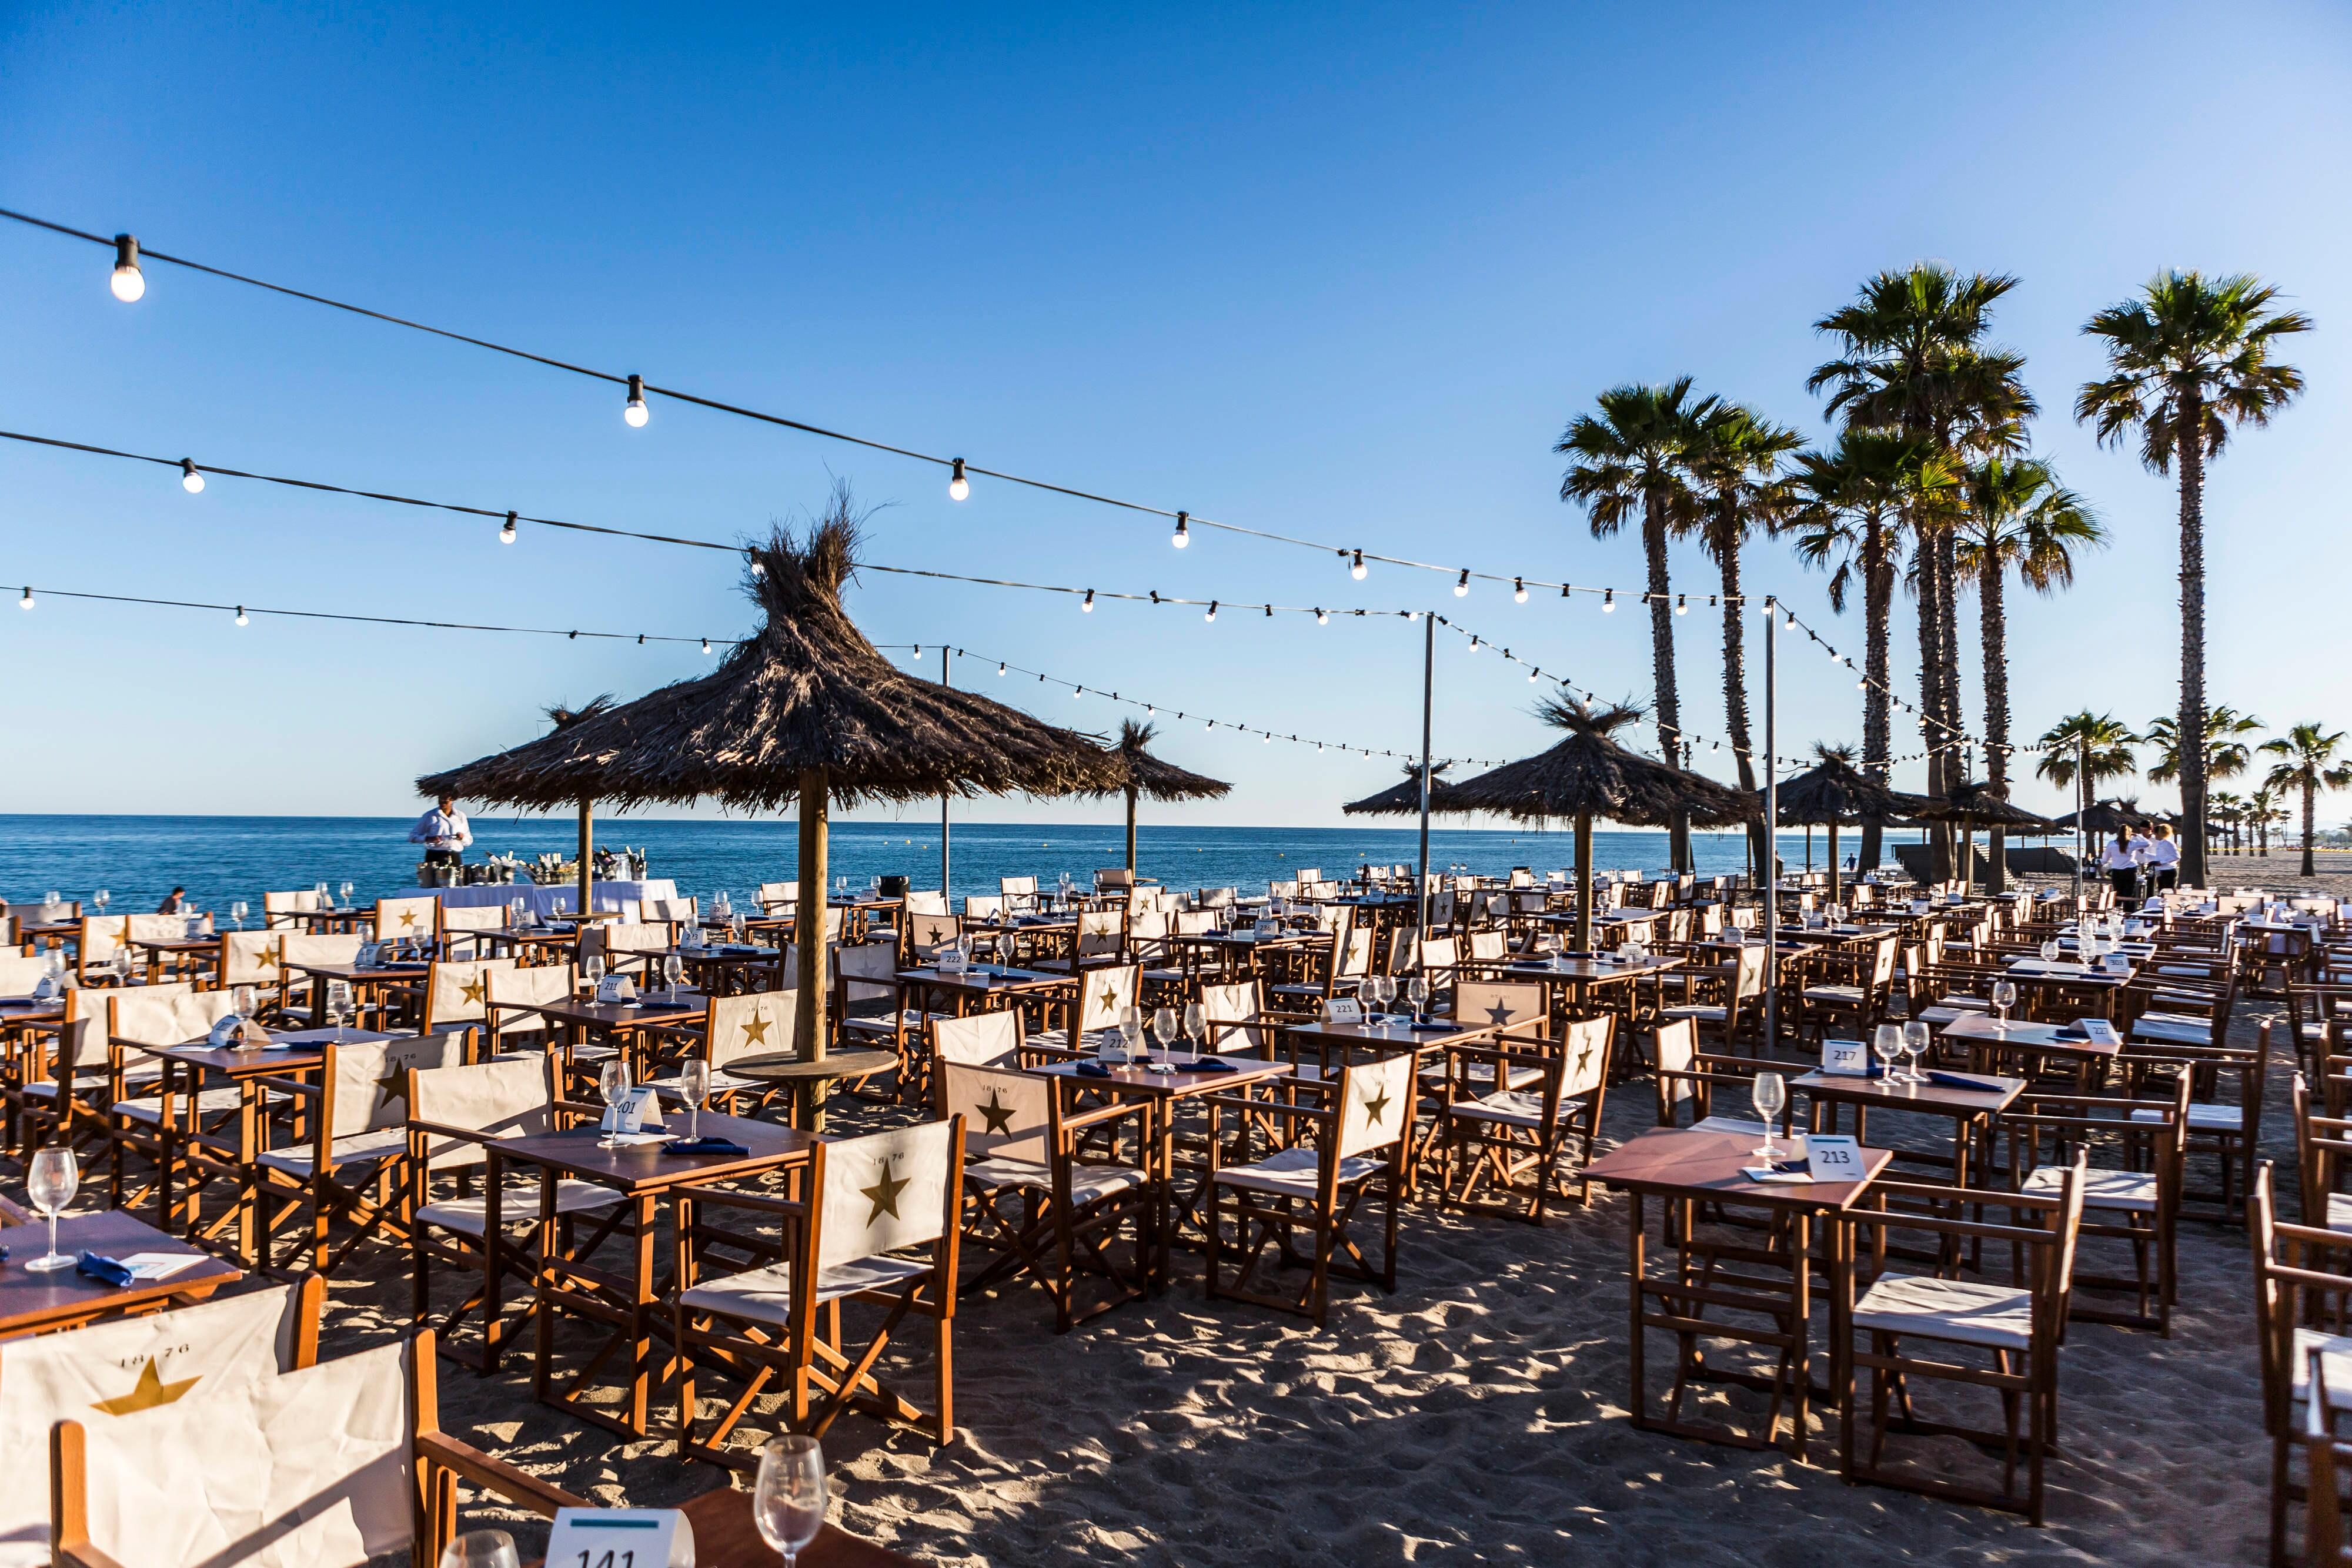 Beach Club Event Set Up